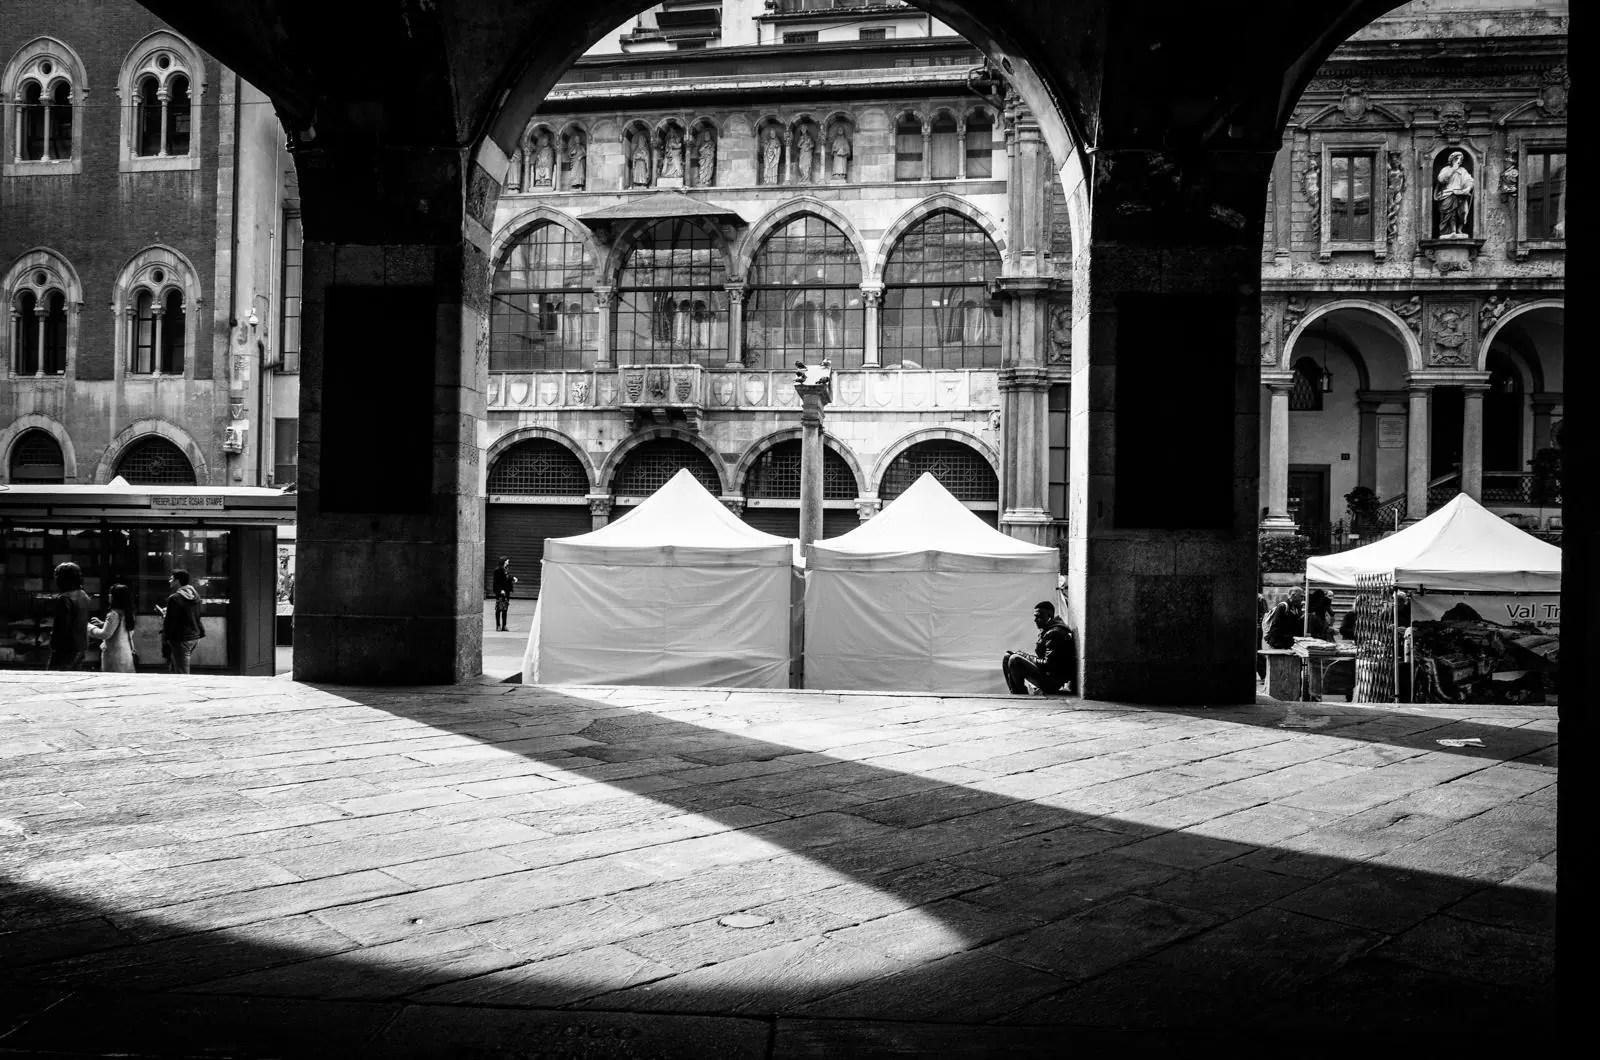 12493530 875833875863729 7539394448413640035 o - Tutta colpa di Roland Barthes - considerazioni sulla street photography - fotostreet.it